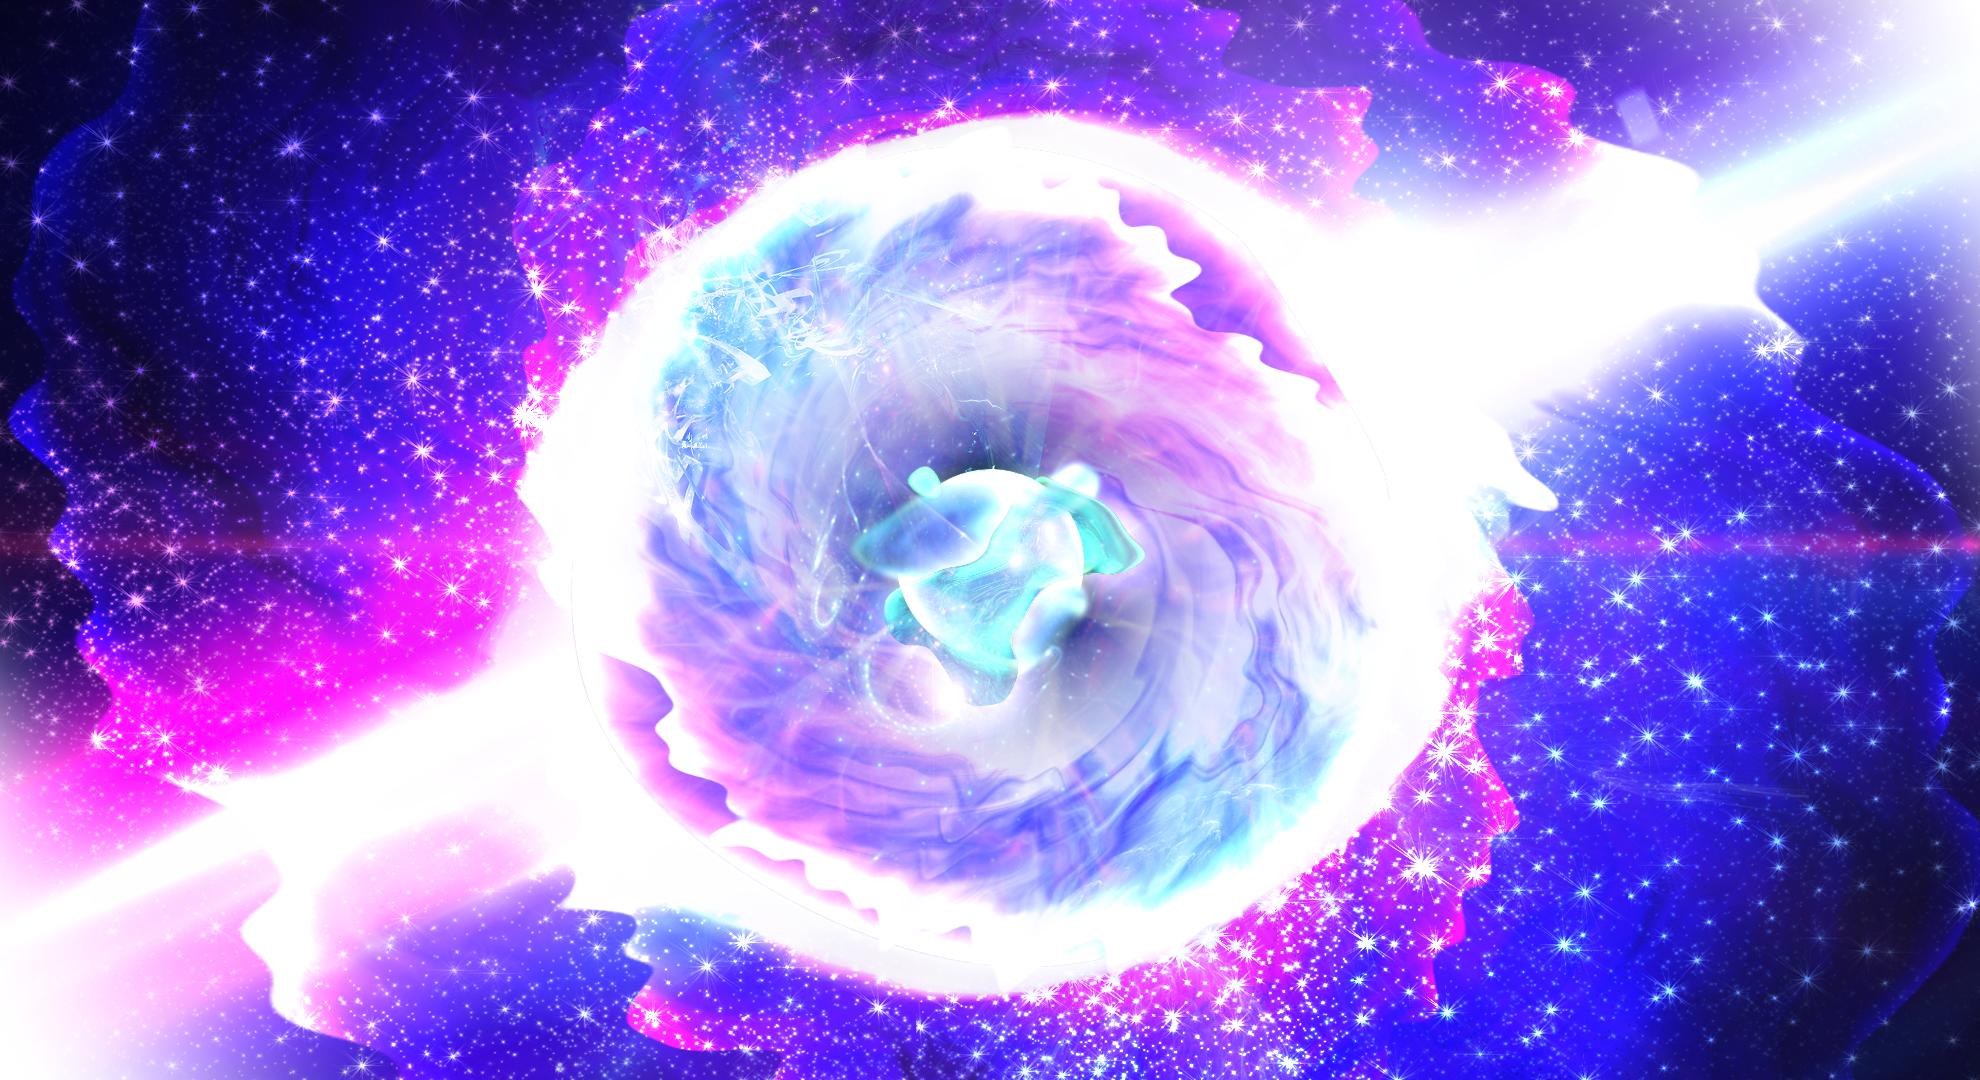 Galaxy v 2 by orbonus on deviantart